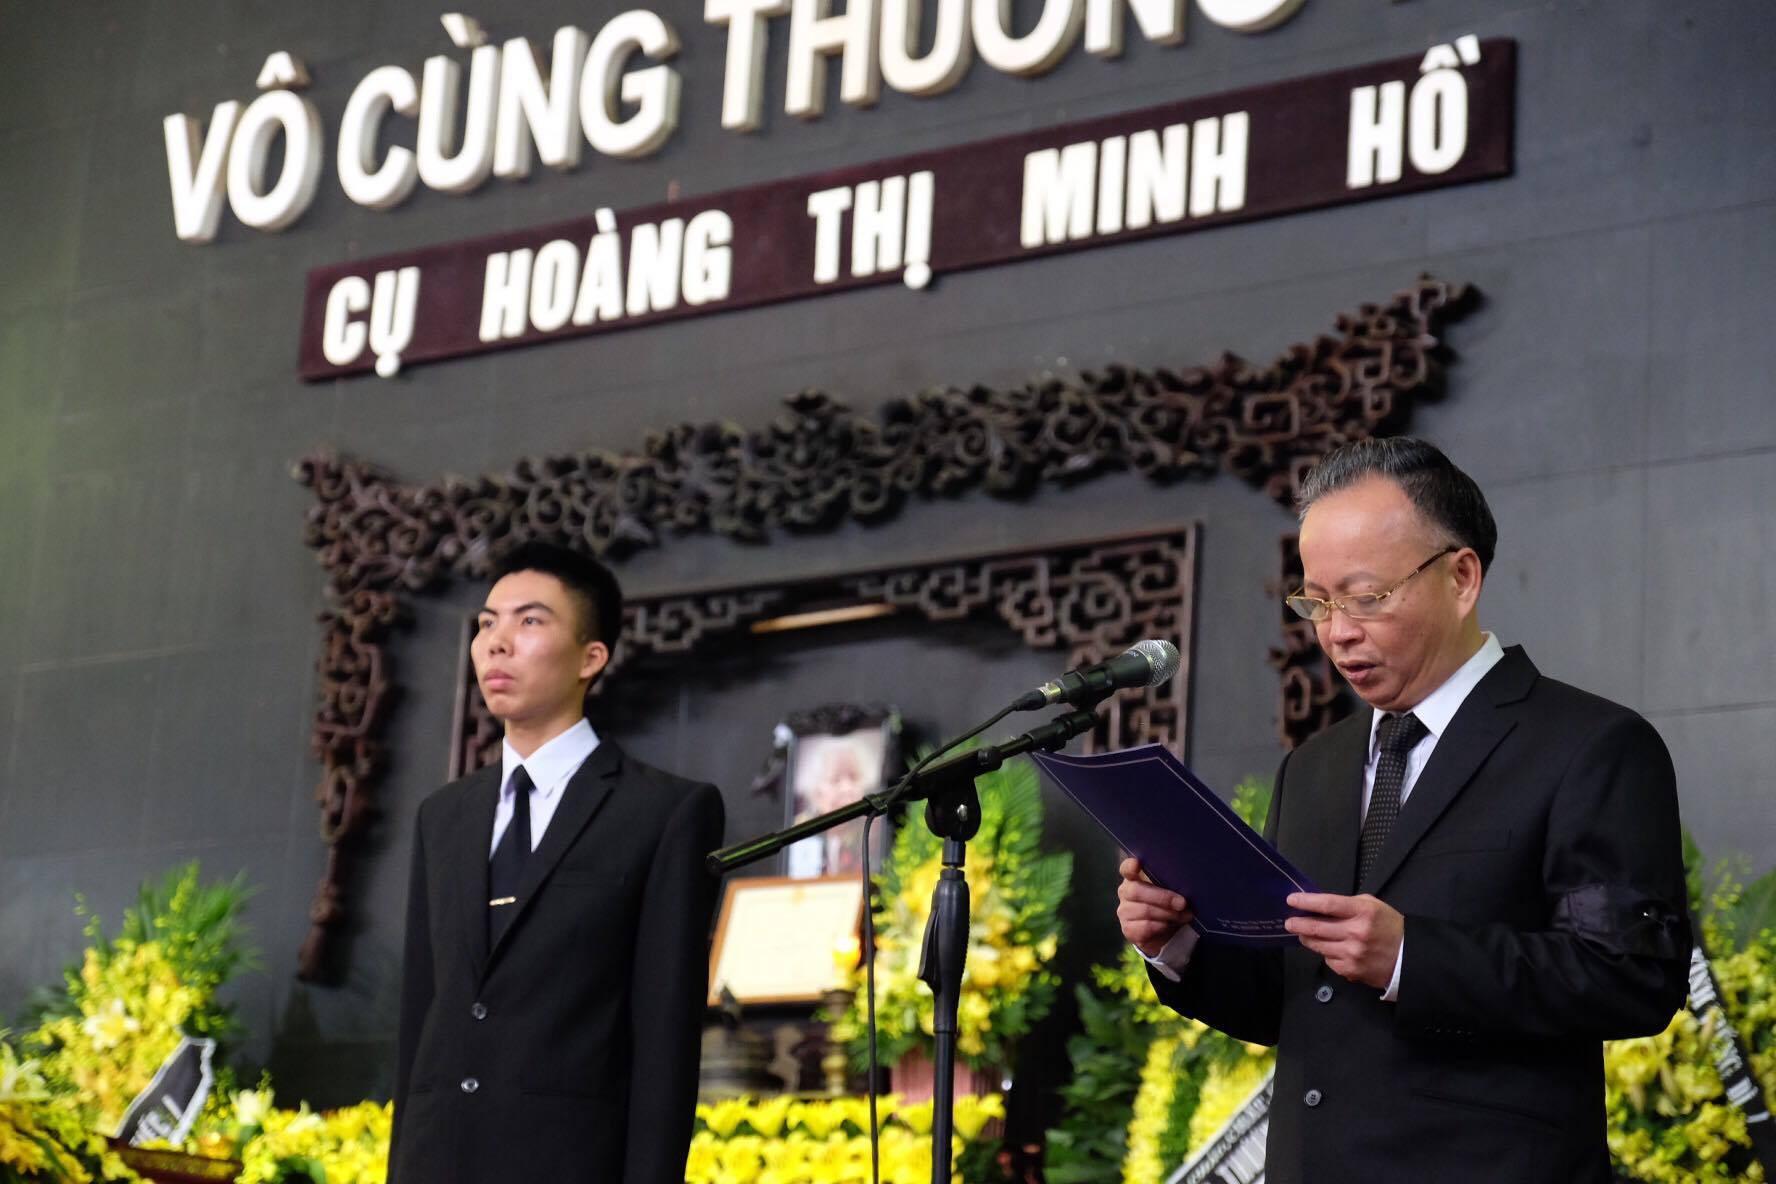 Người thân bật khóc bên linh cữu cụ bà Hoàng Thị Minh Hồ - người hiến hơn 5.000 lượng vàng cho nhà nước - Ảnh 24.